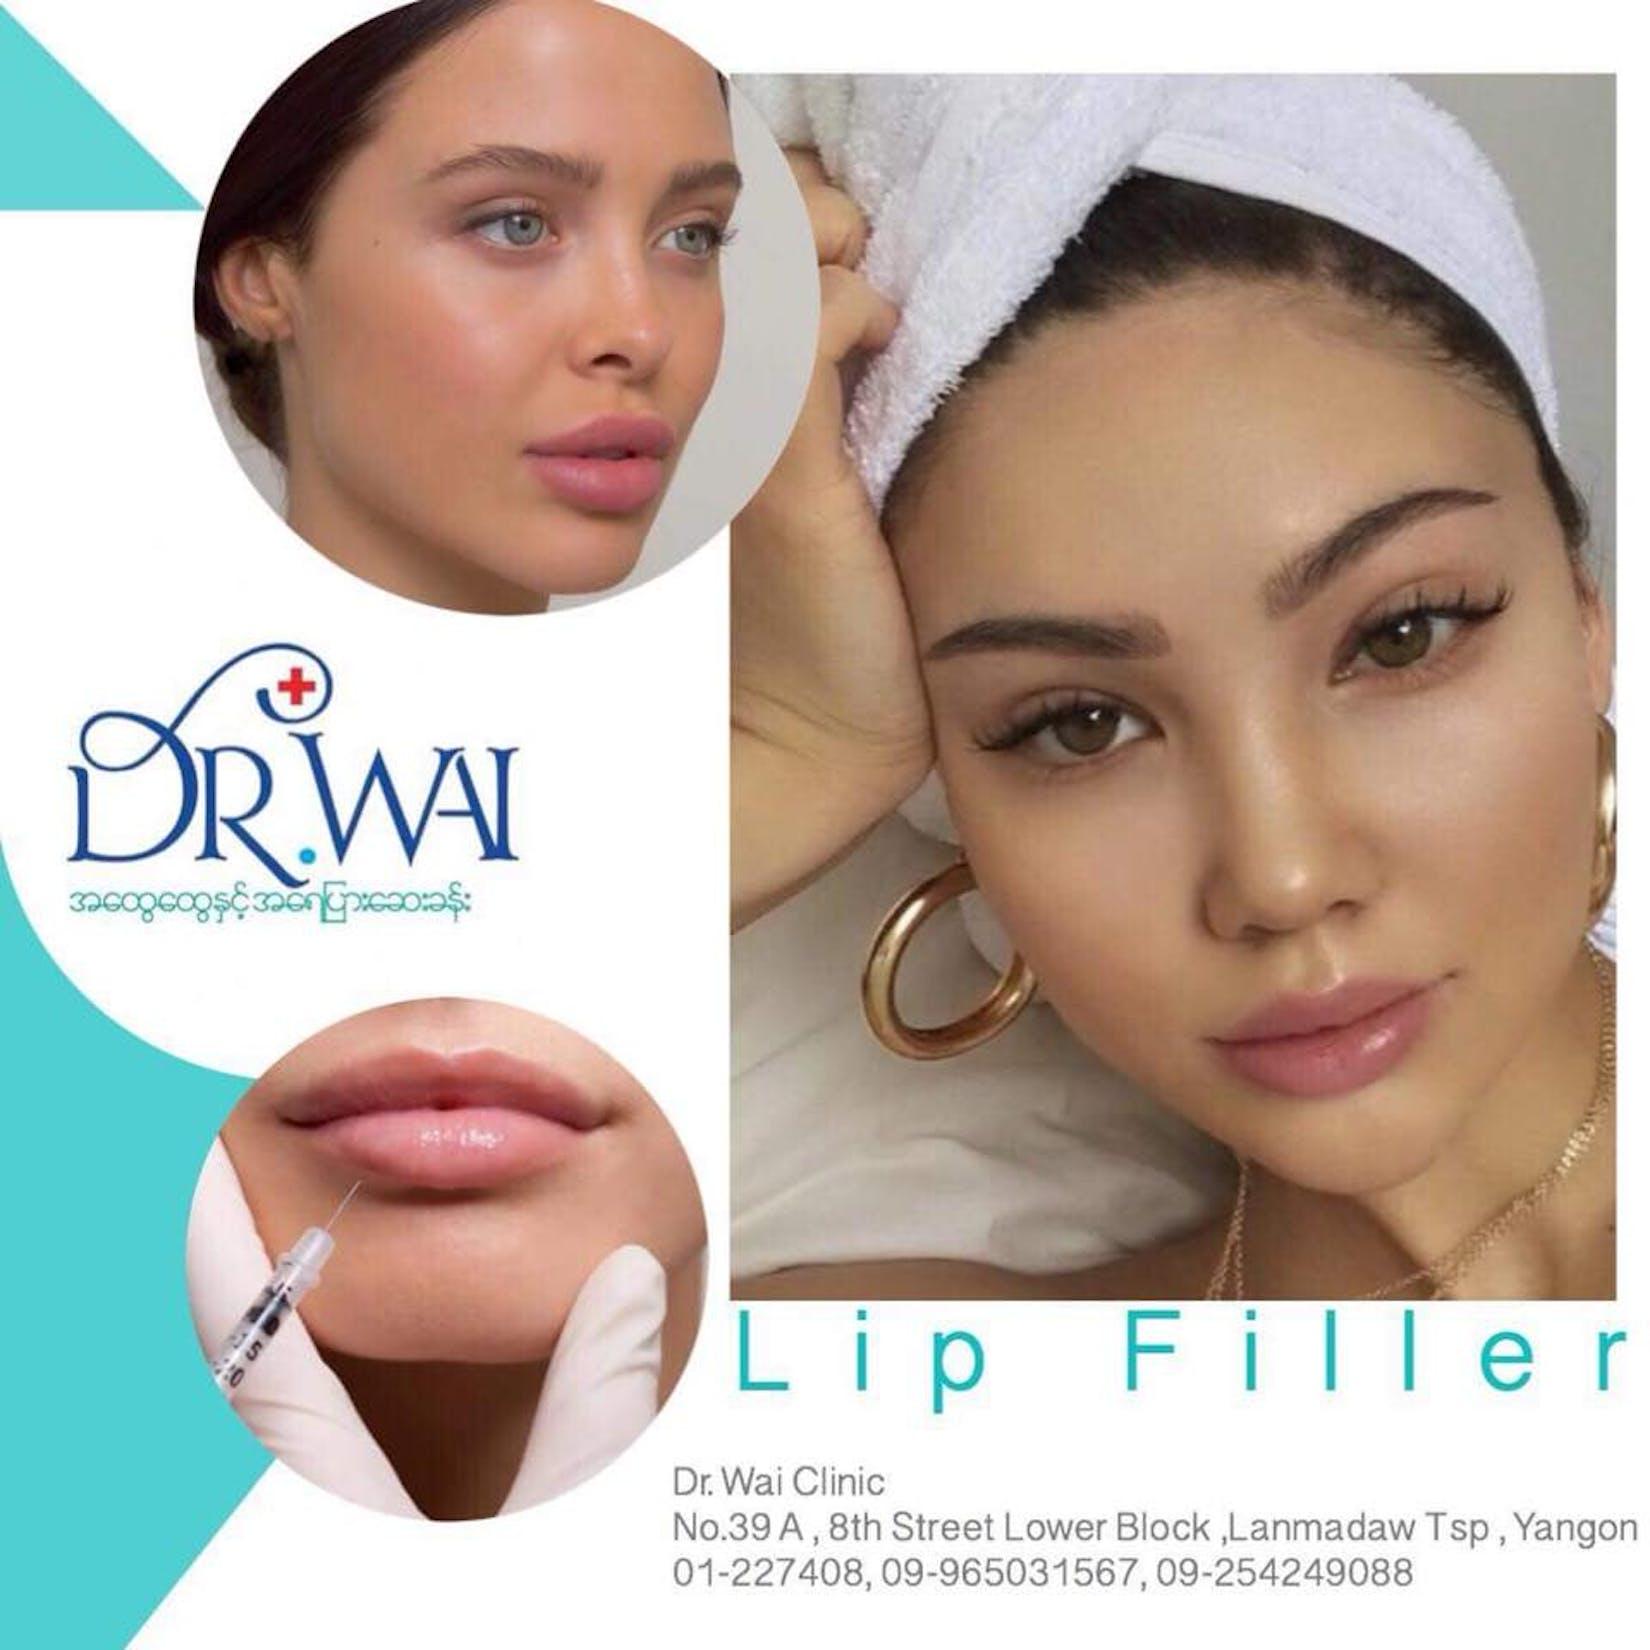 Dr Wai အရေပြားနှင့် အလှအပဆိုင်ရာဆေးခန်း | Beauty